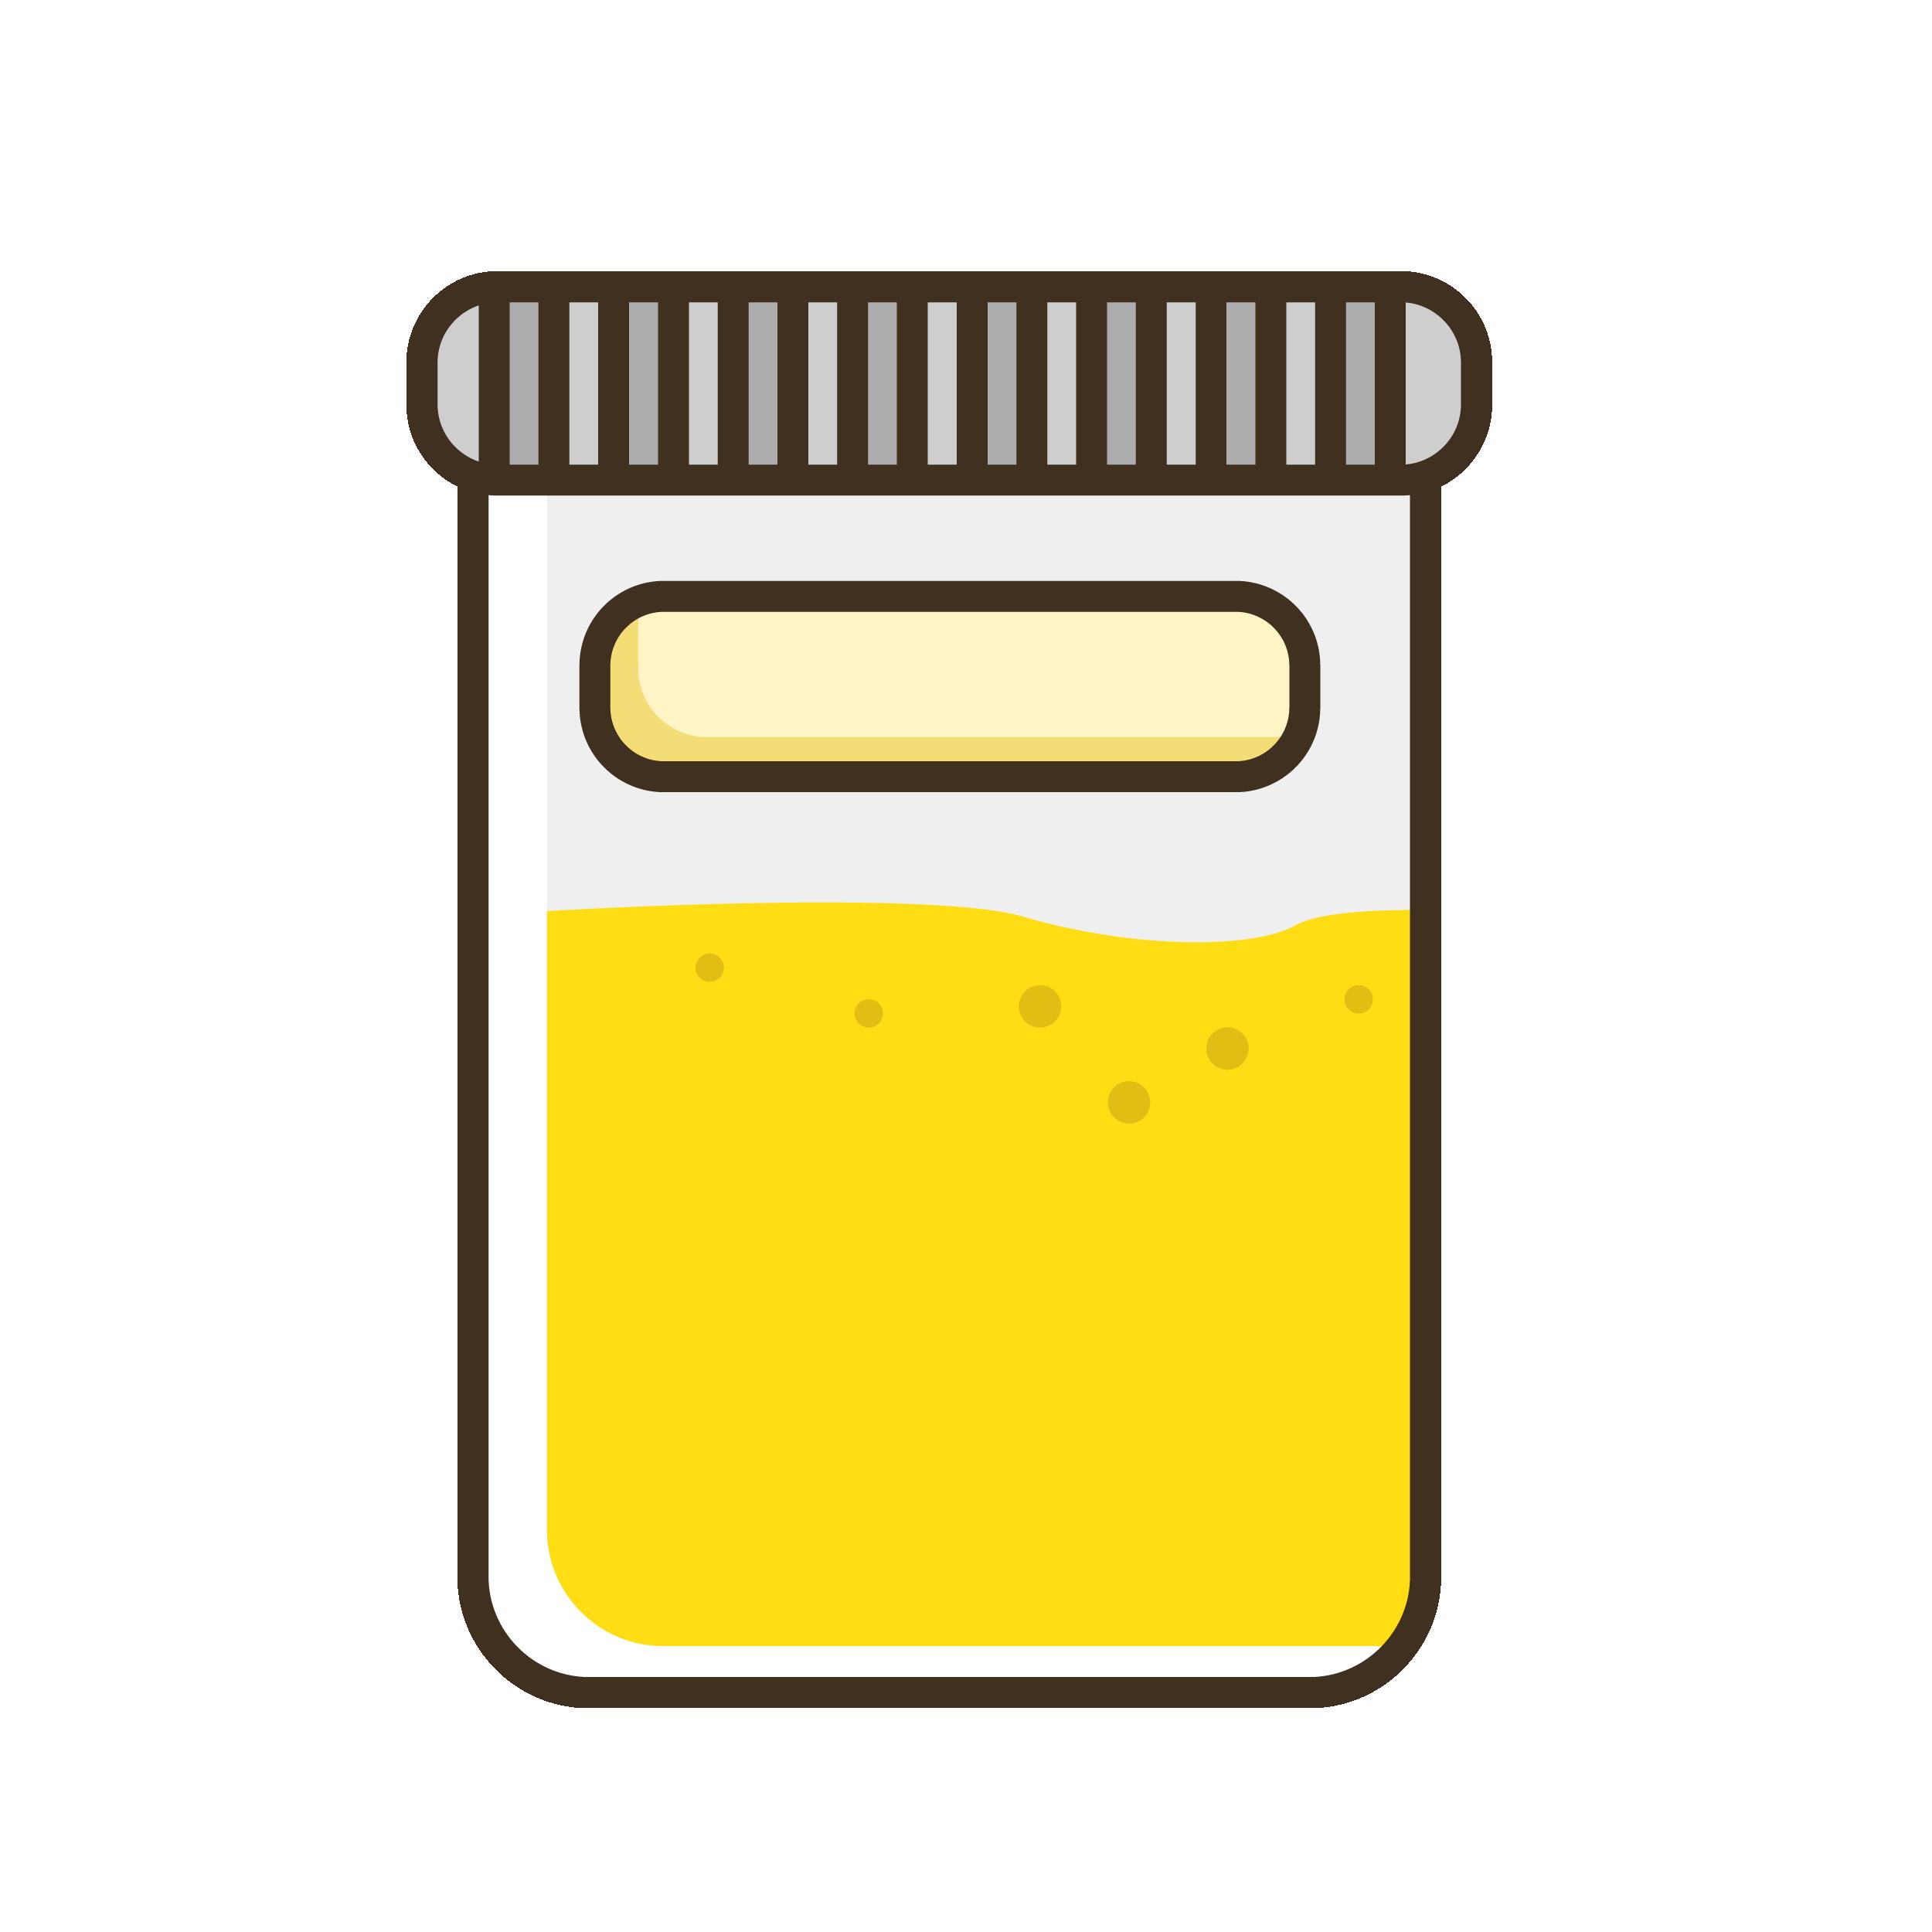 尿尿有泡沫?小心蛋白尿